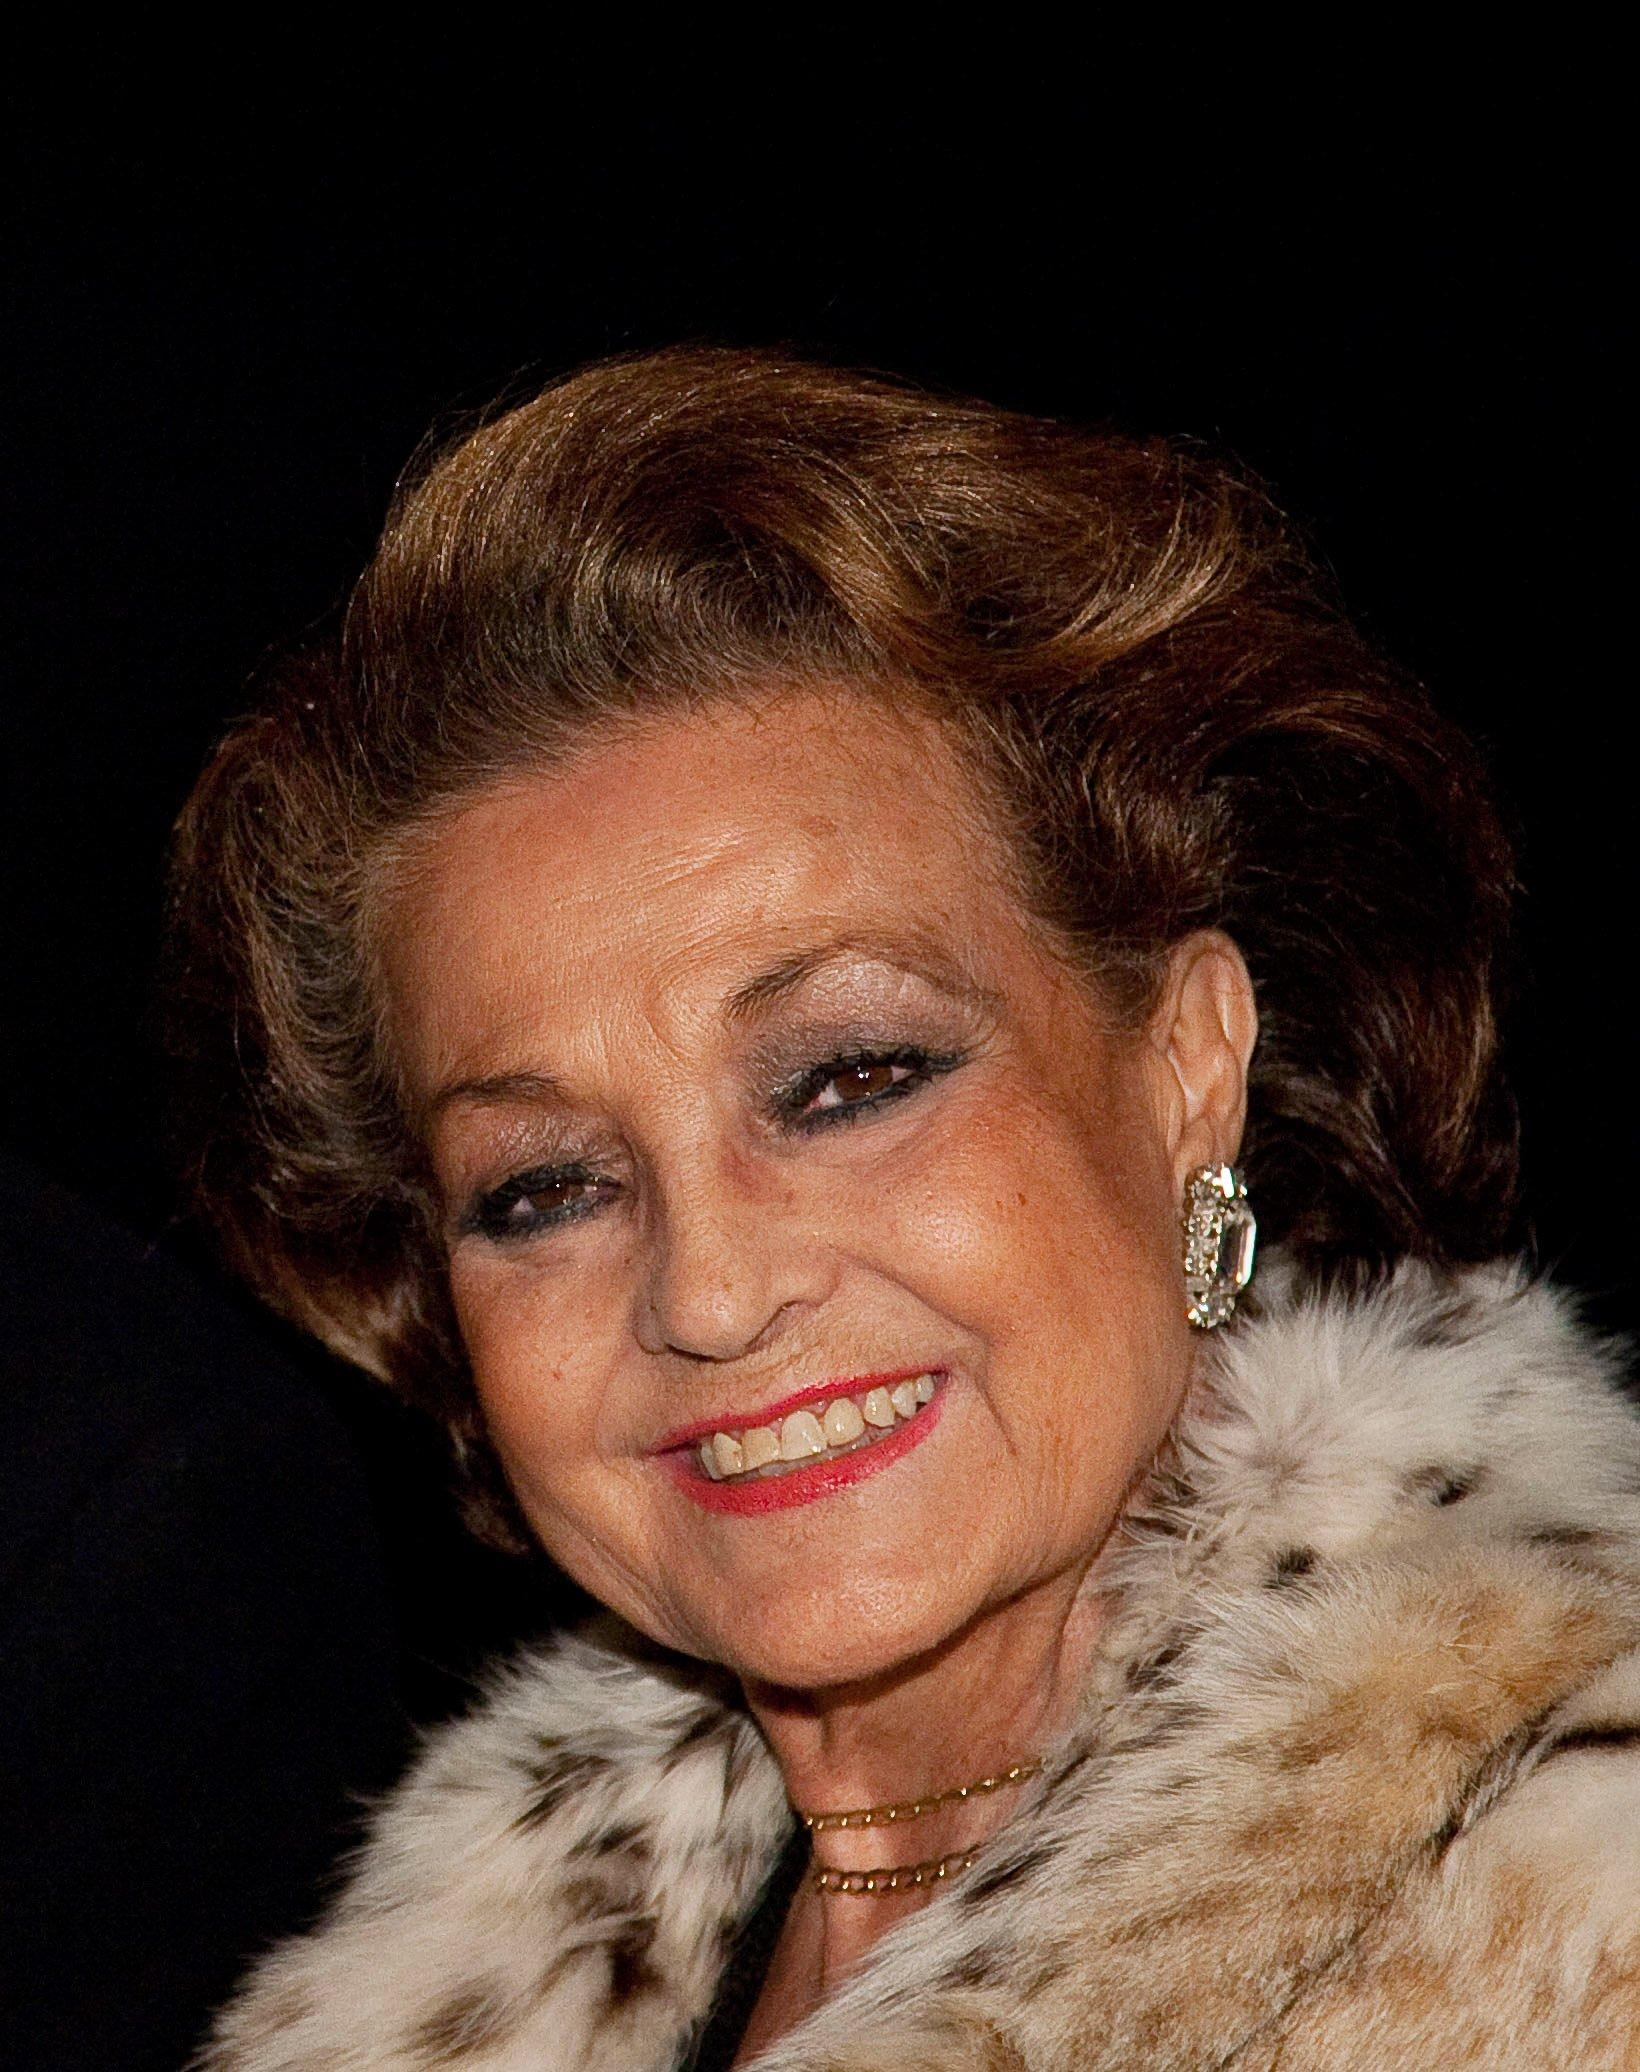 Carmen Sevilla en la Cibeles Fashion Week 2010. || Fuente: Getty Images